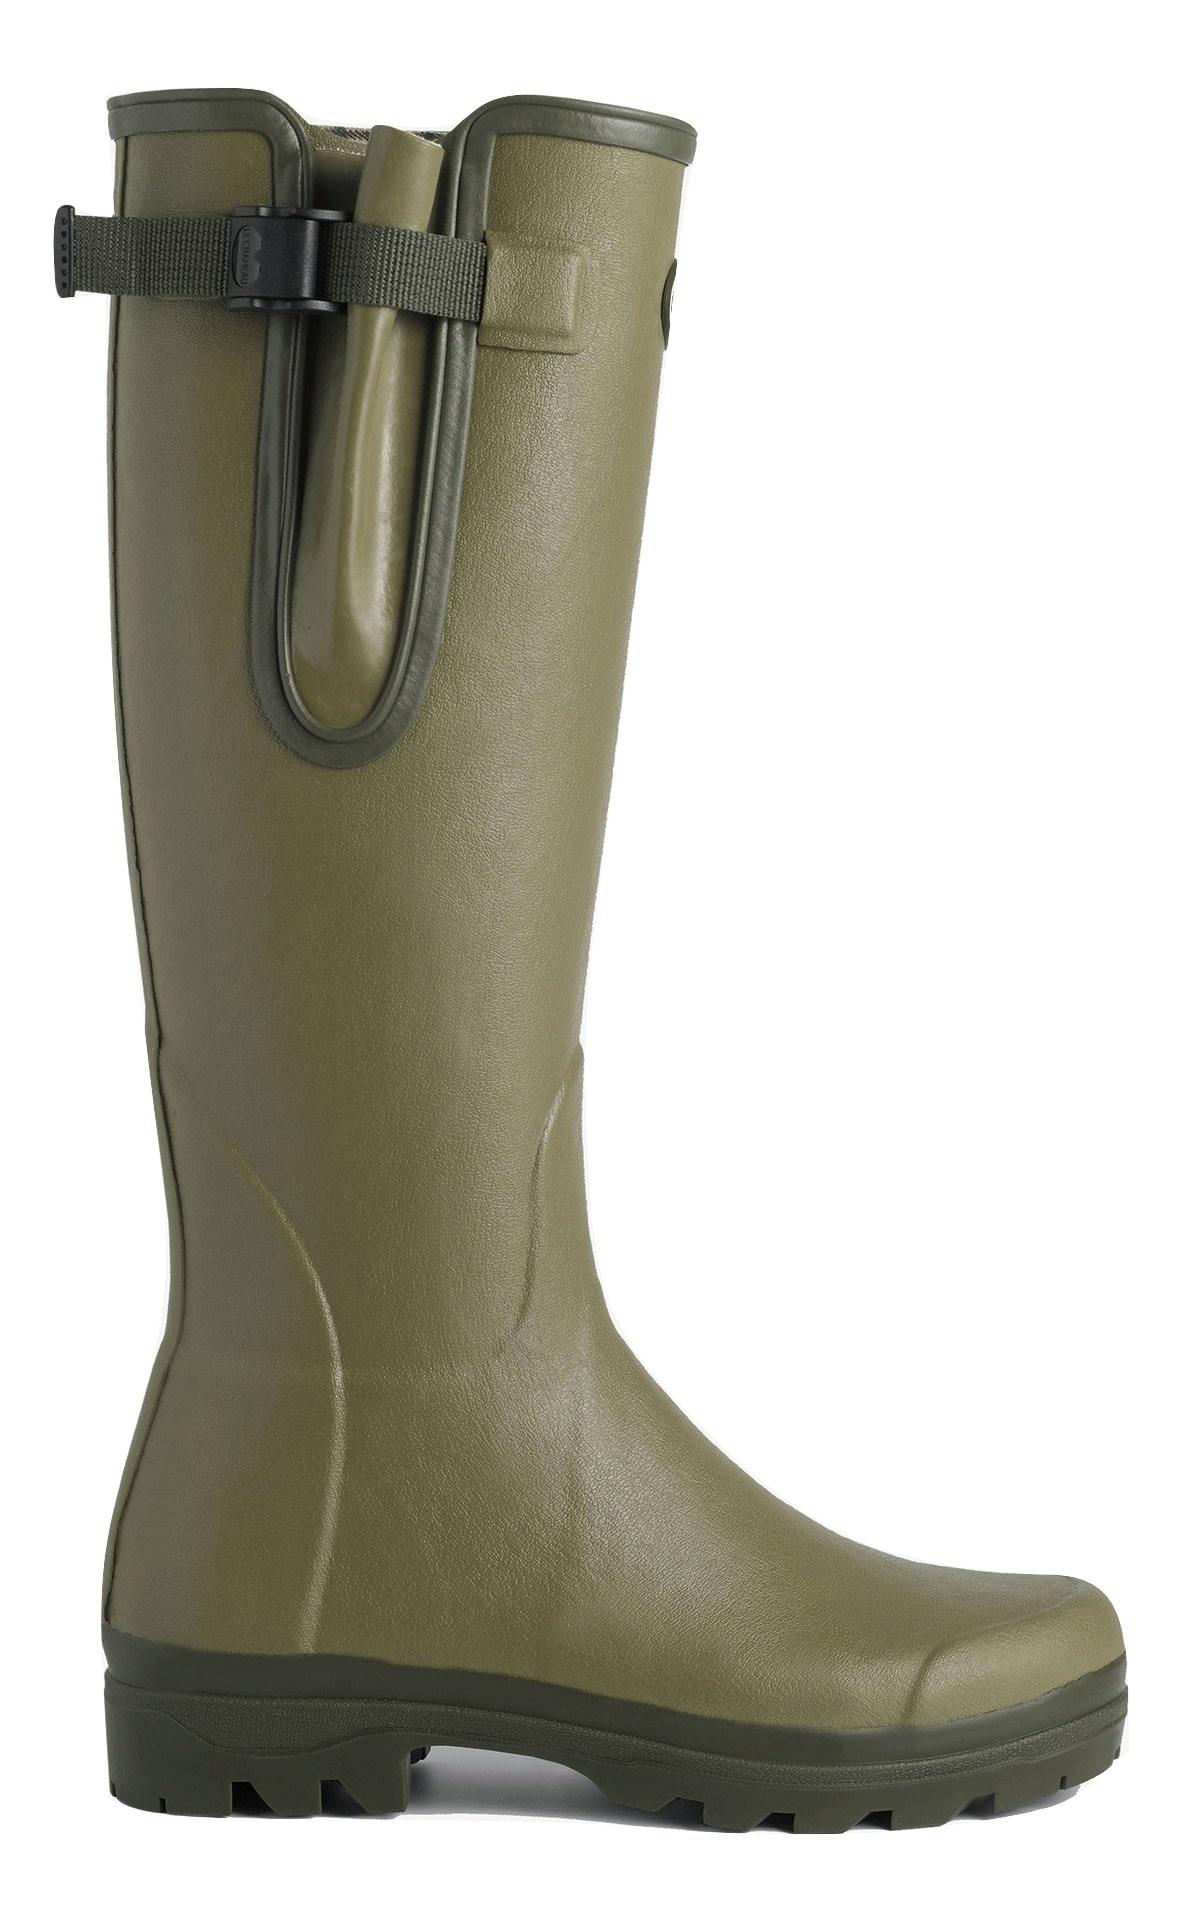 Le Chameau Women's Vierzon Jersey Lined Boot Vert Vierzon-2